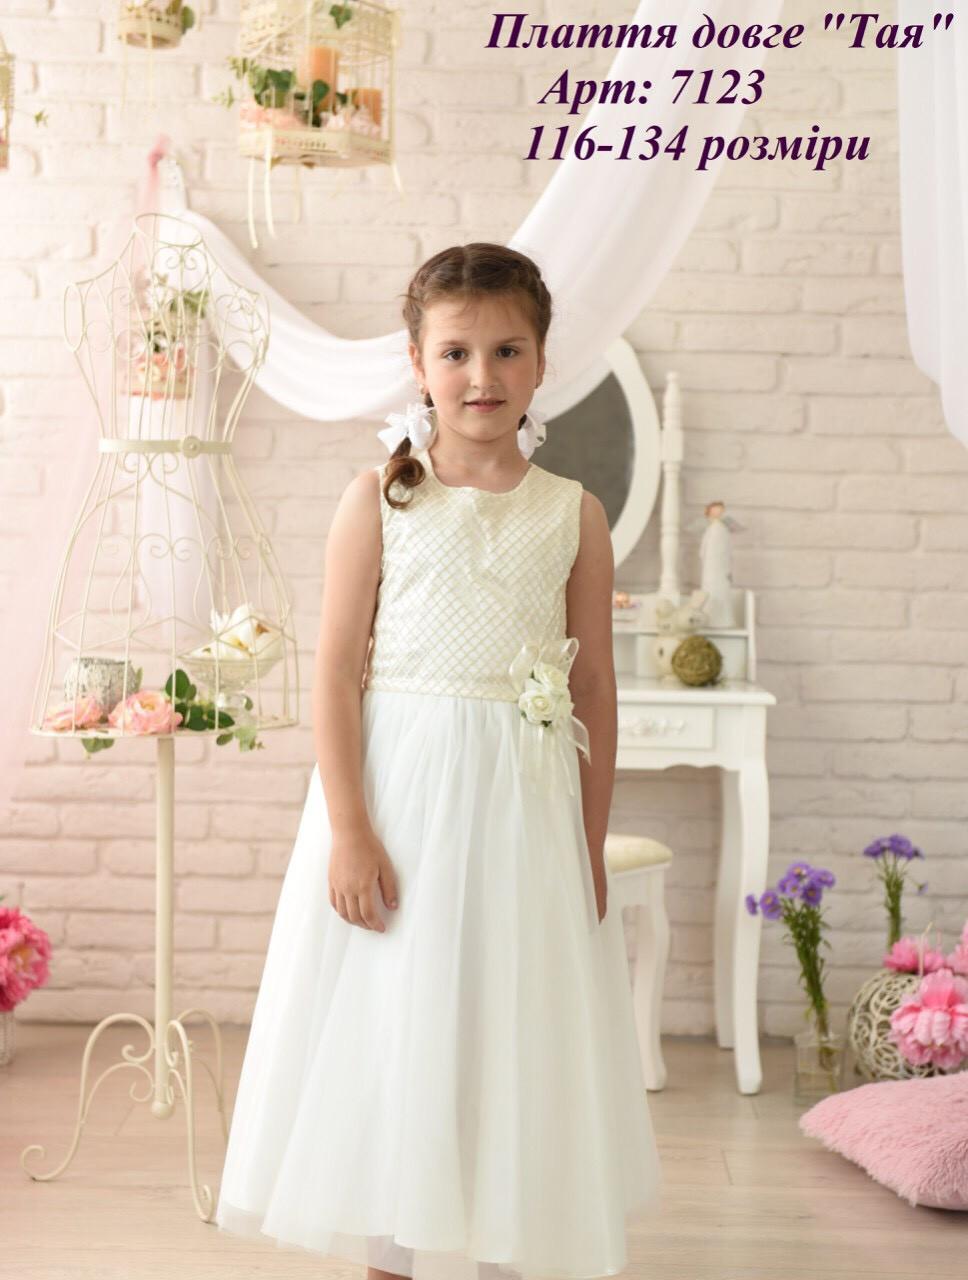 Детское нарядное платье  для девочки 7123, размеры 116-134